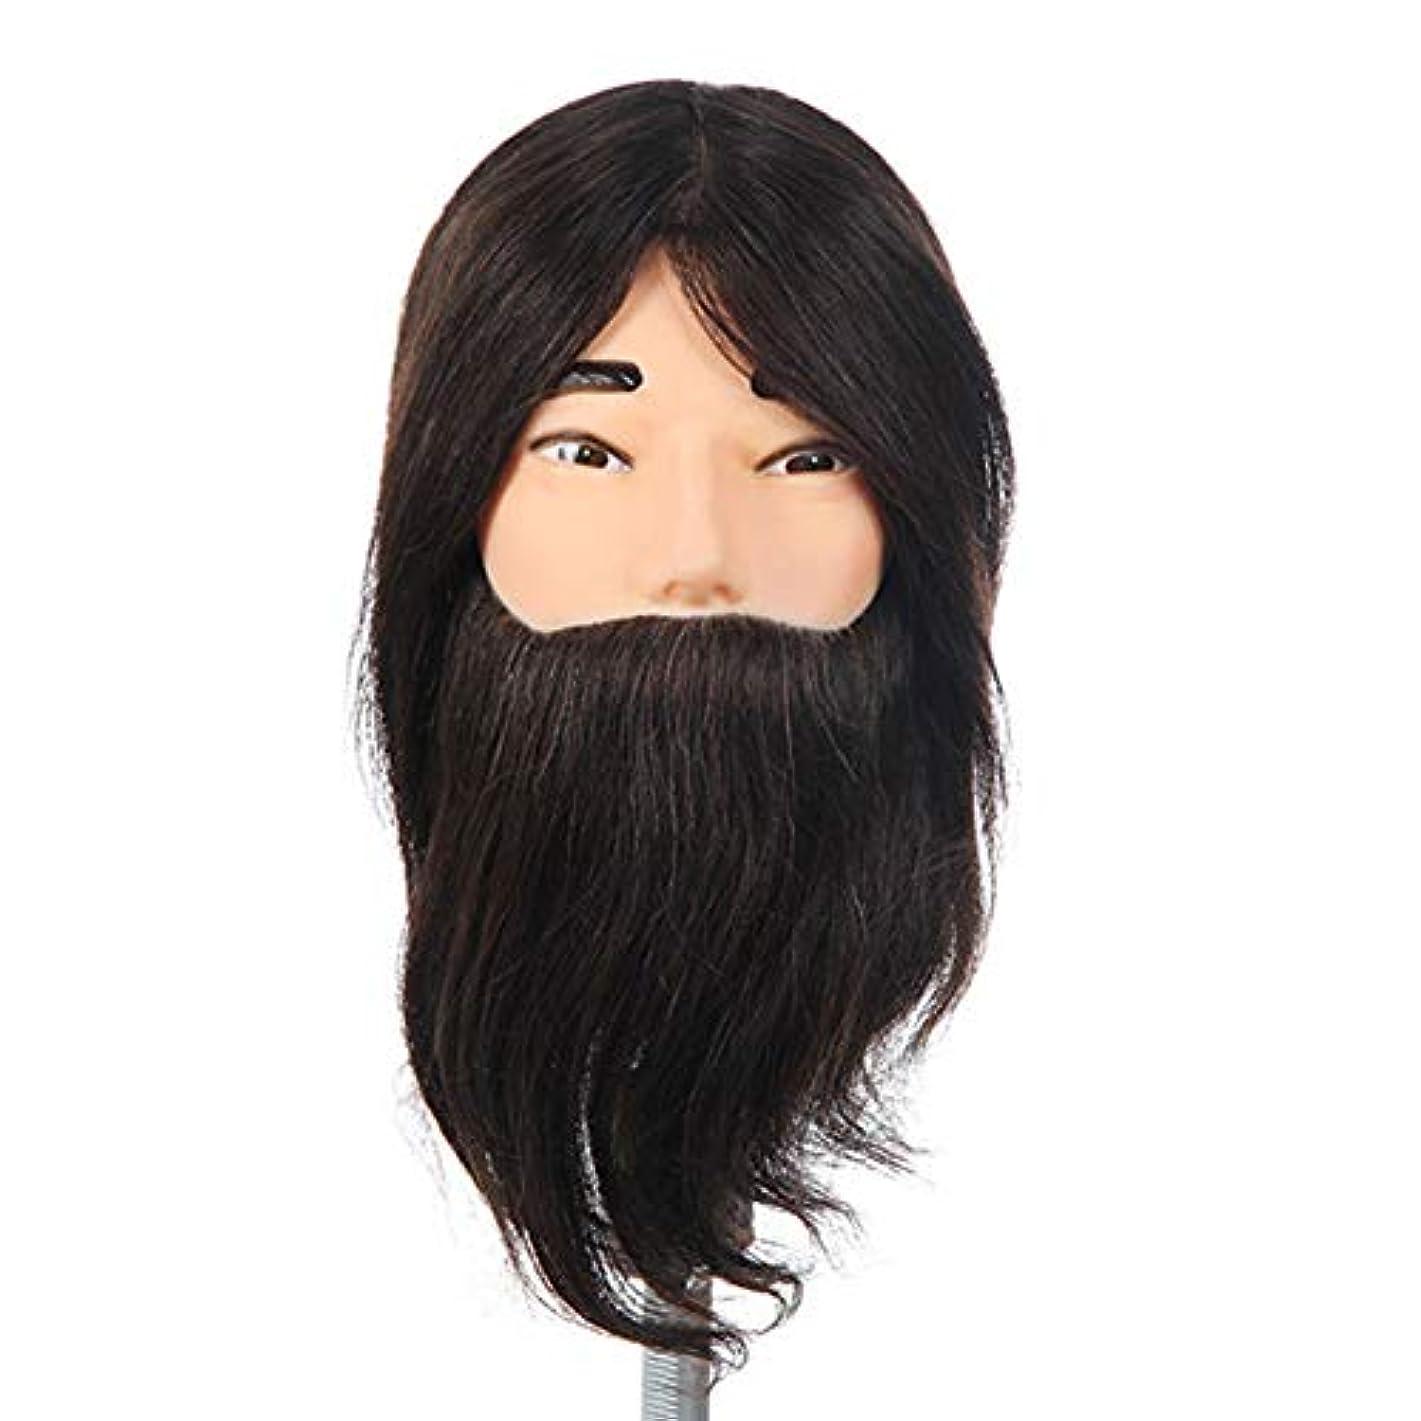 啓示元の集中的な男性の本物の髪ショートヘアダミーヘッド理髪店トリミングひげヘアカットの練習マネキン理髪学校専用のトレーニングヘッド